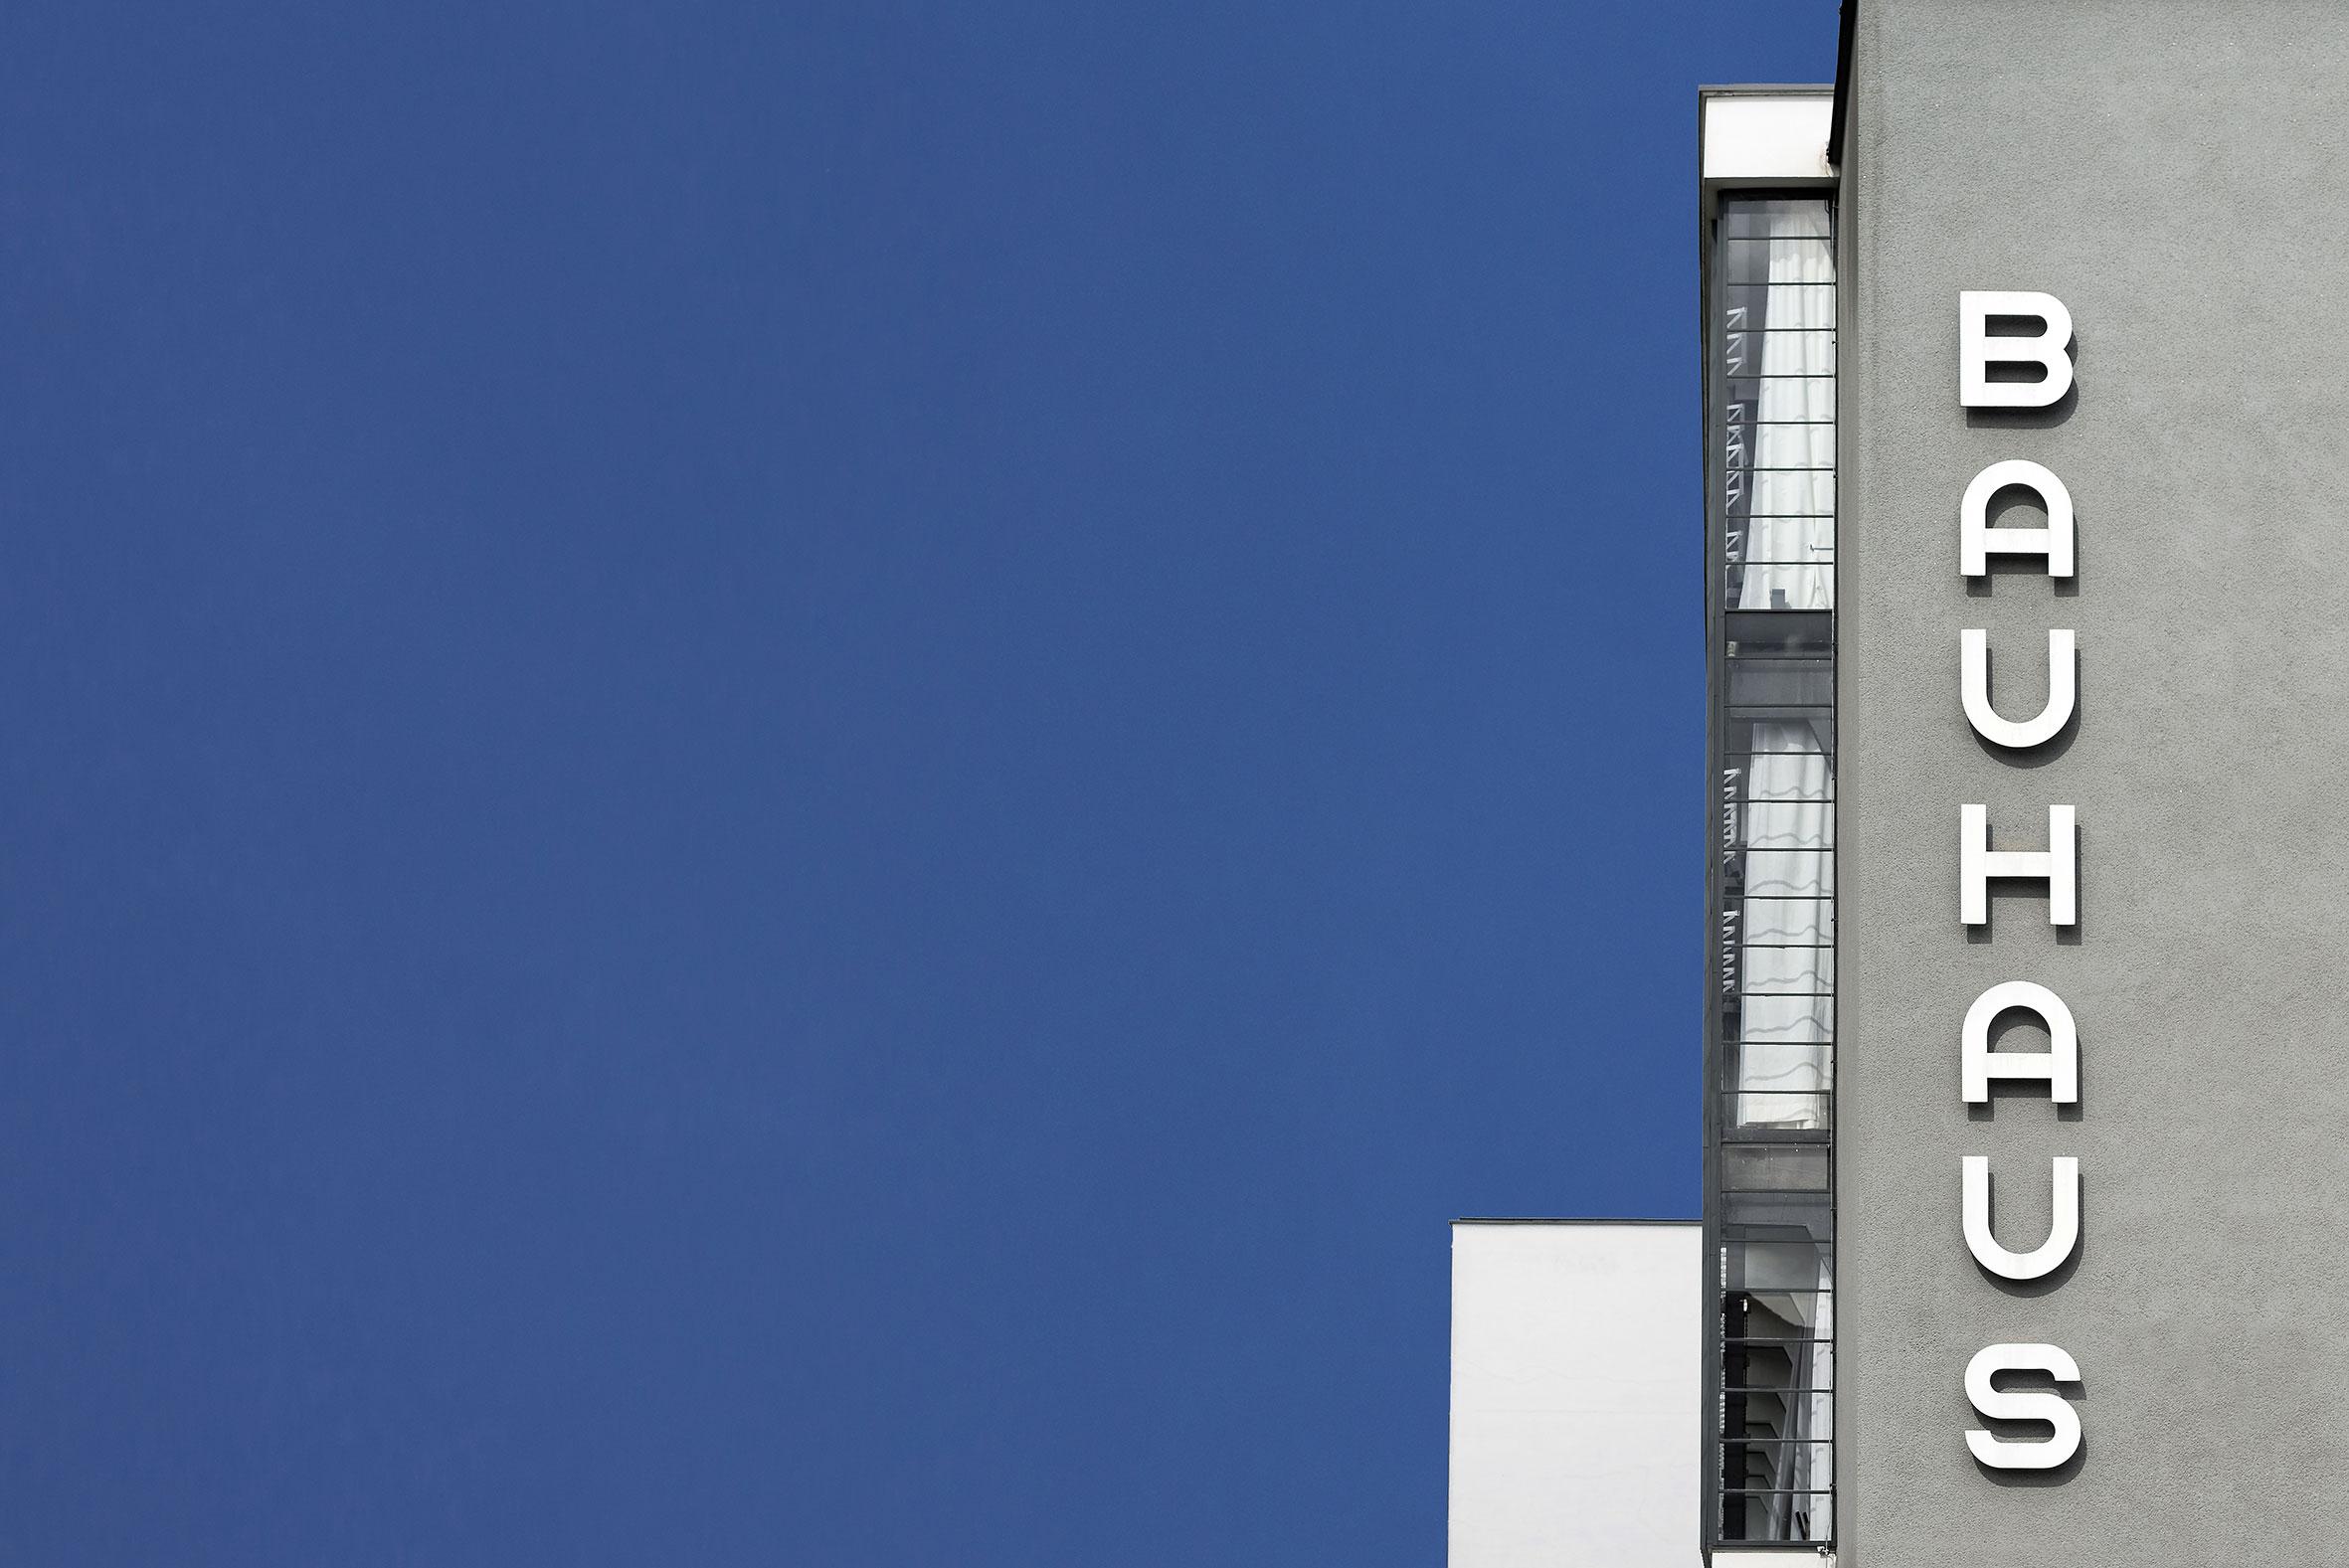 Architekturfotografie BAUHAUS Dessau. Foto: Gerd Schaller / BAUWERK PERSPEKTIVEN